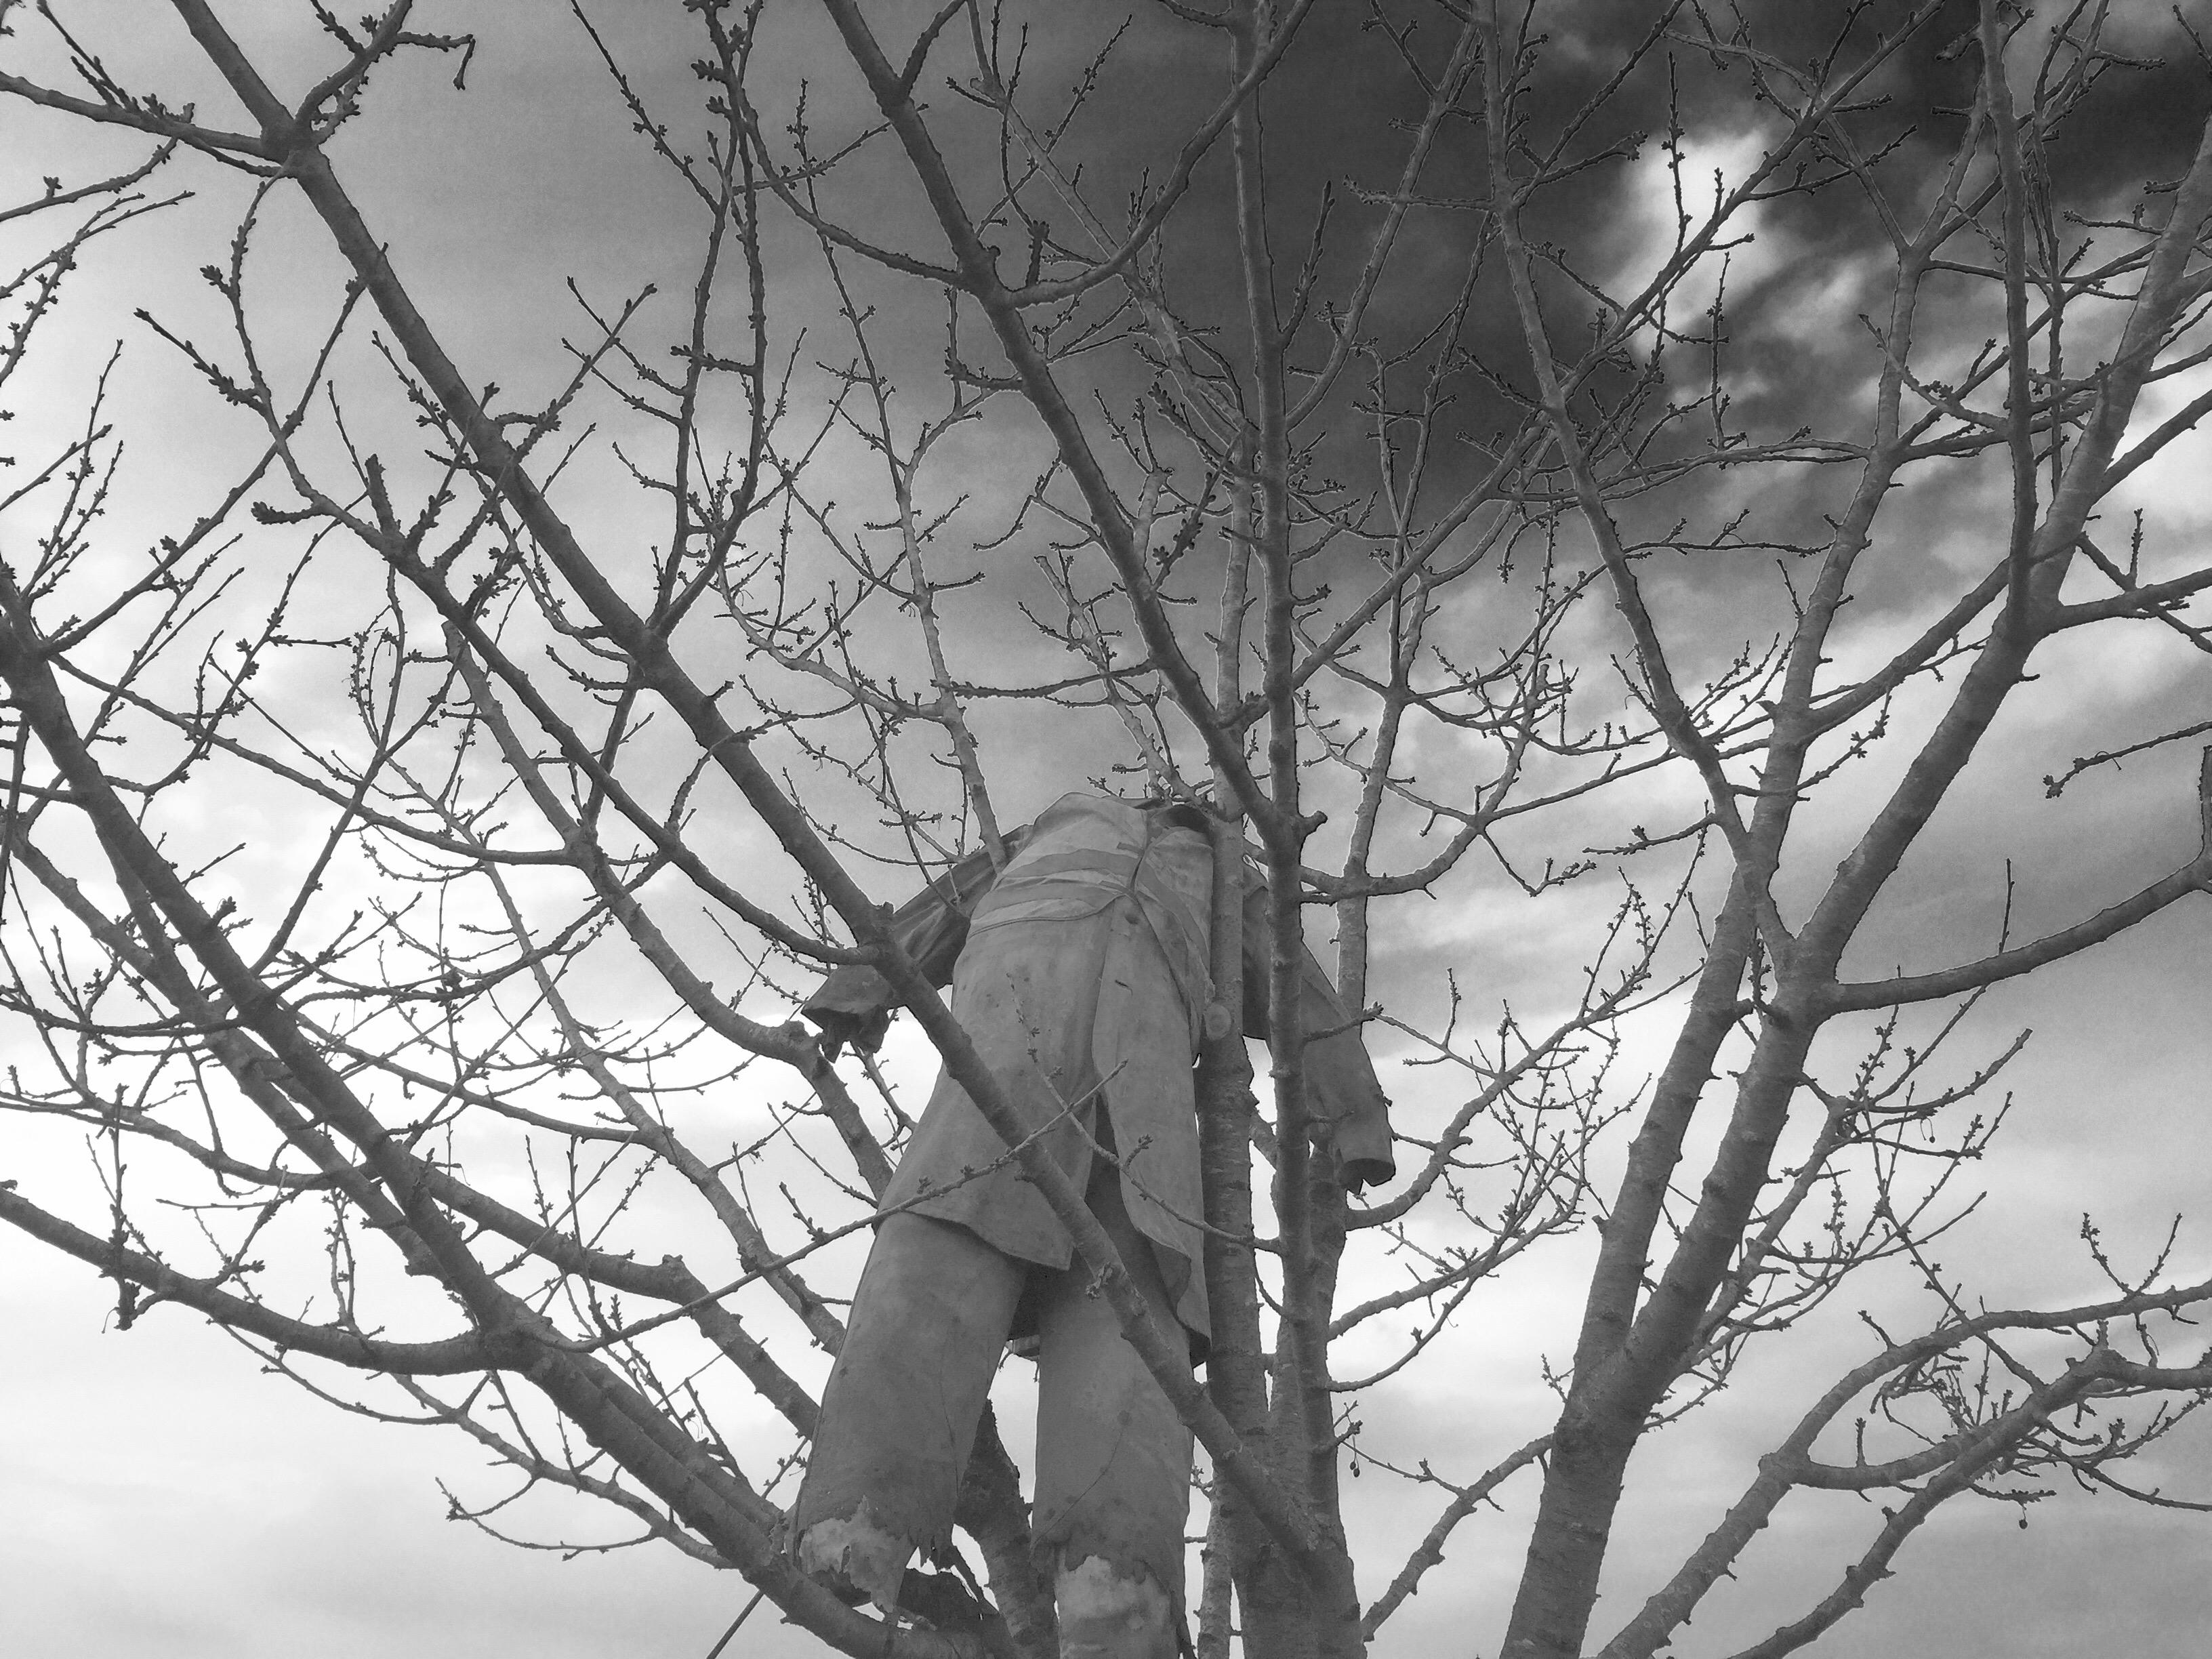 Figur in Baum 2